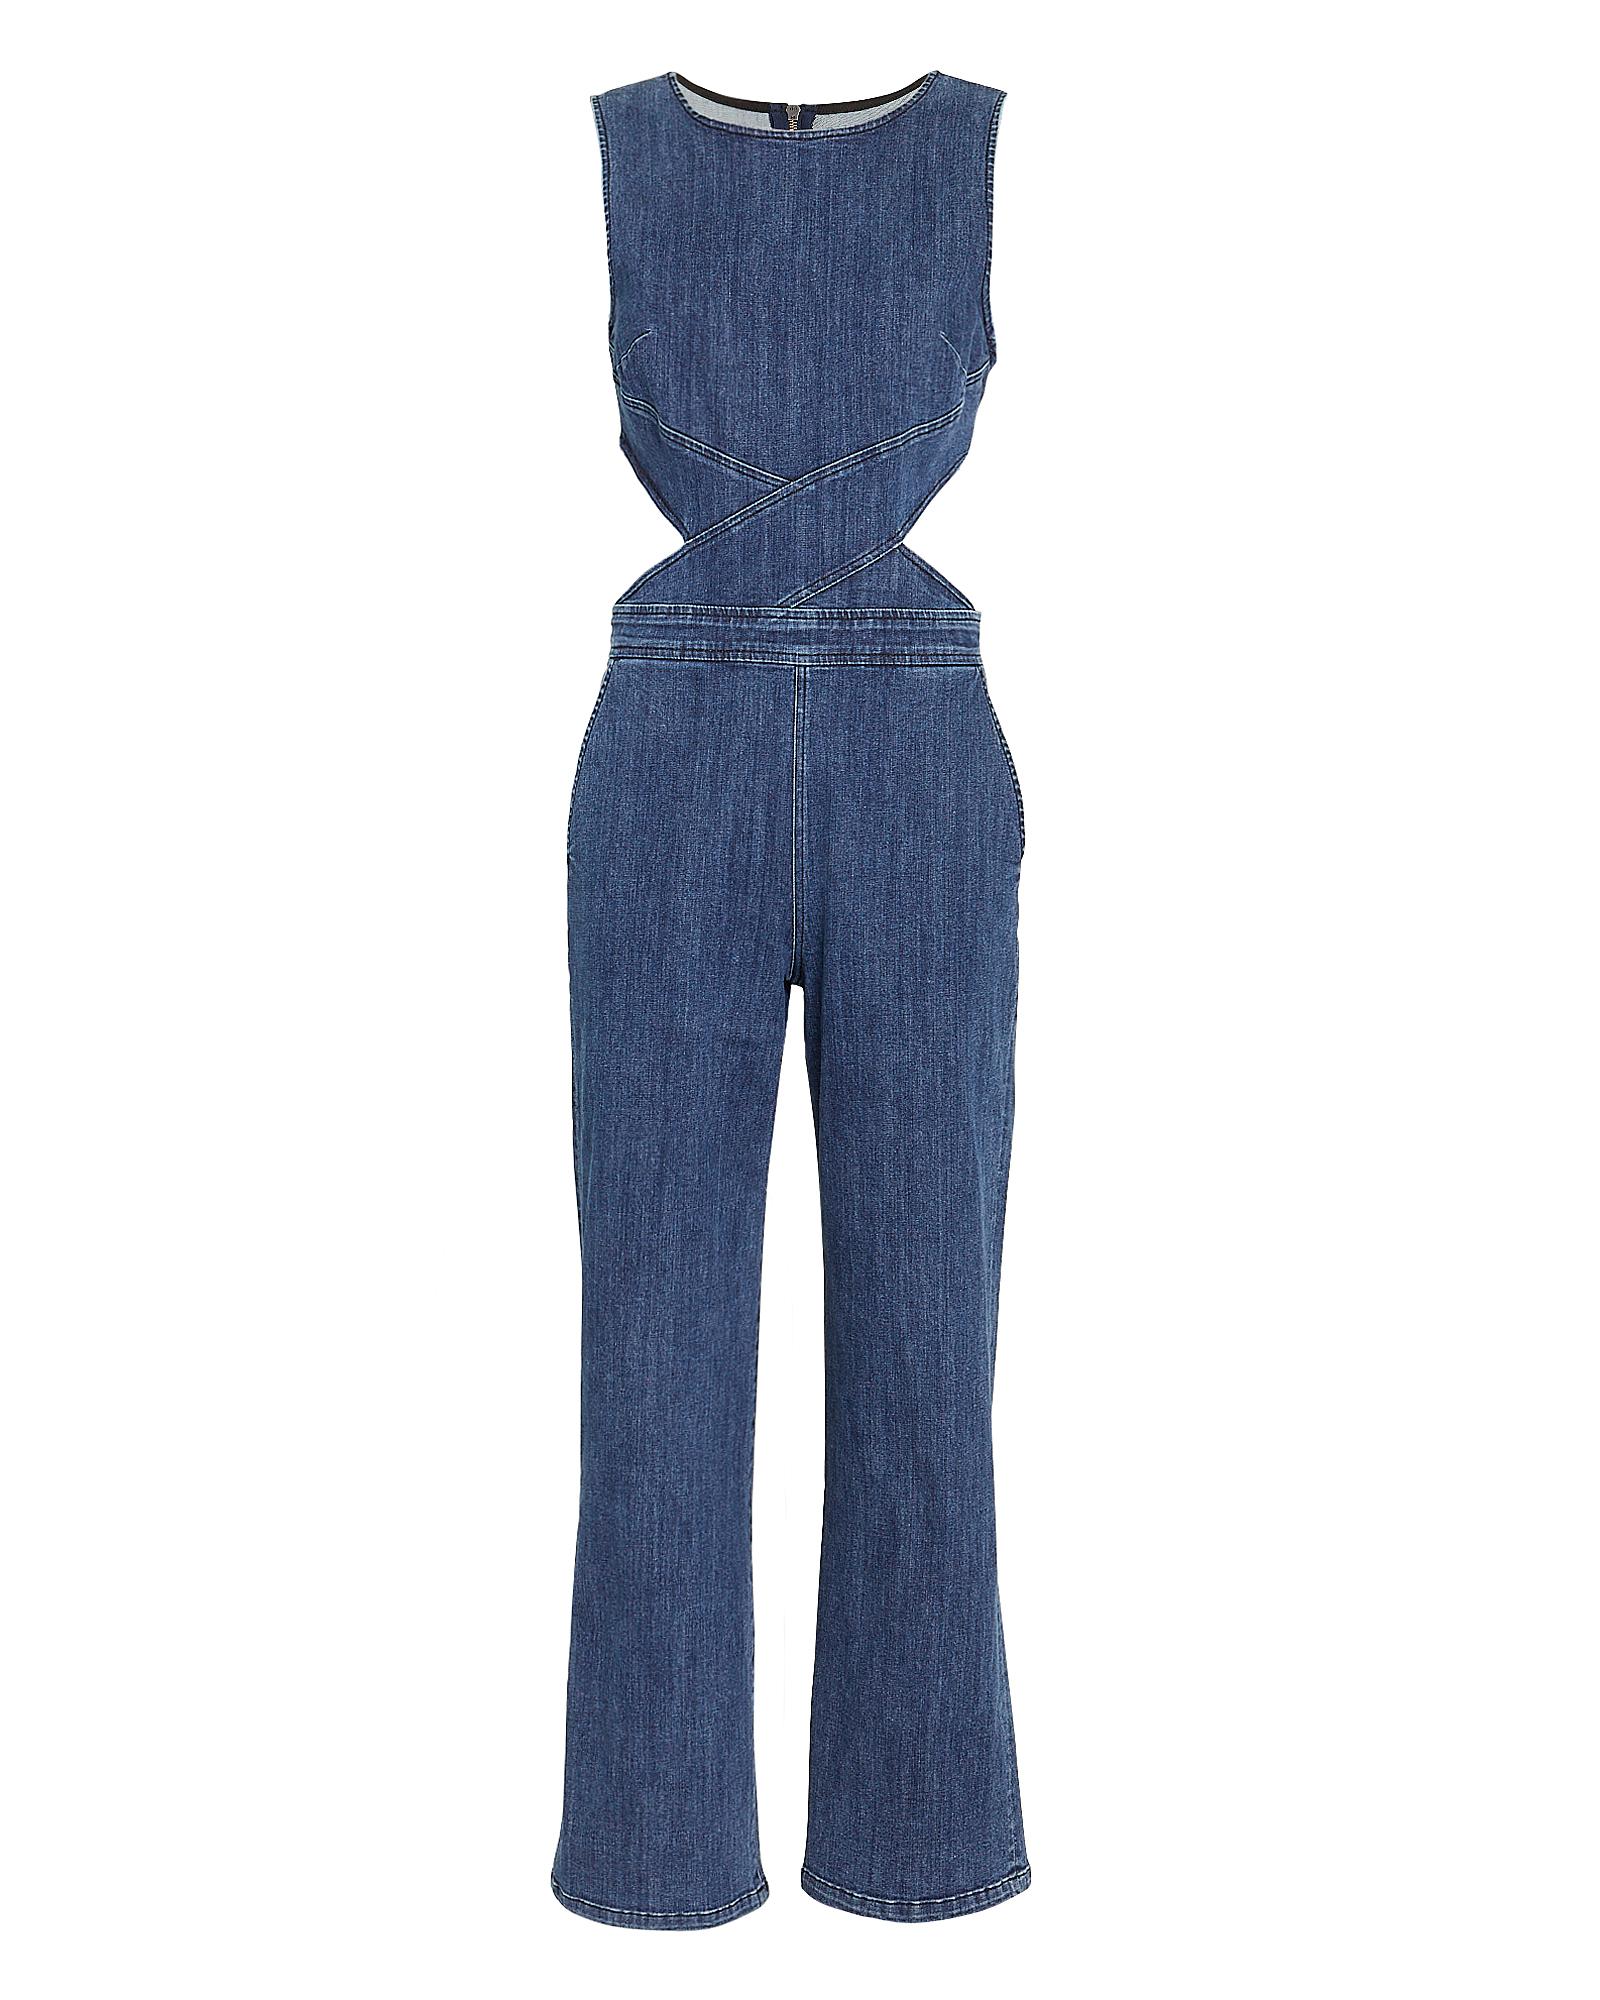 3x1 Suits 3X1 DANNY JUMPSUIT  DARK BLUE DENIM M